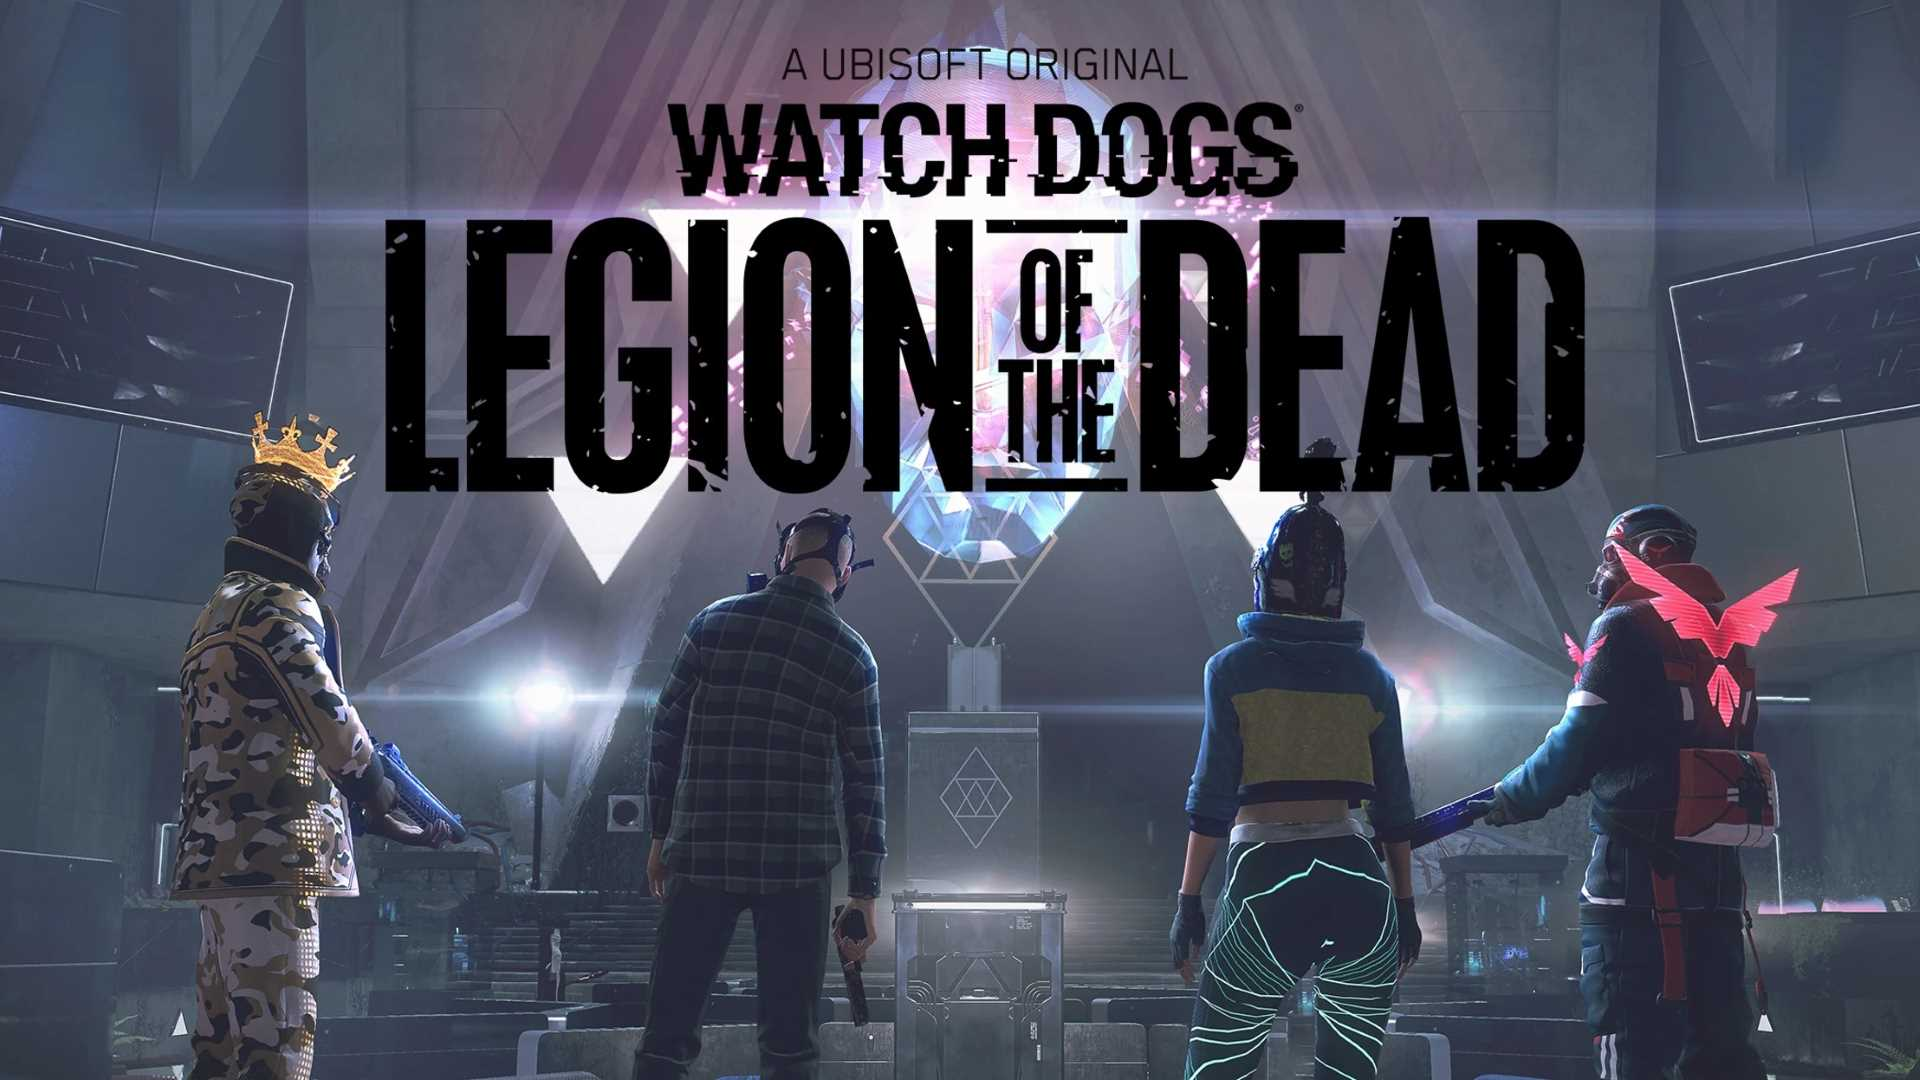 Watch Dogs: Legion of the Dead - Key Art